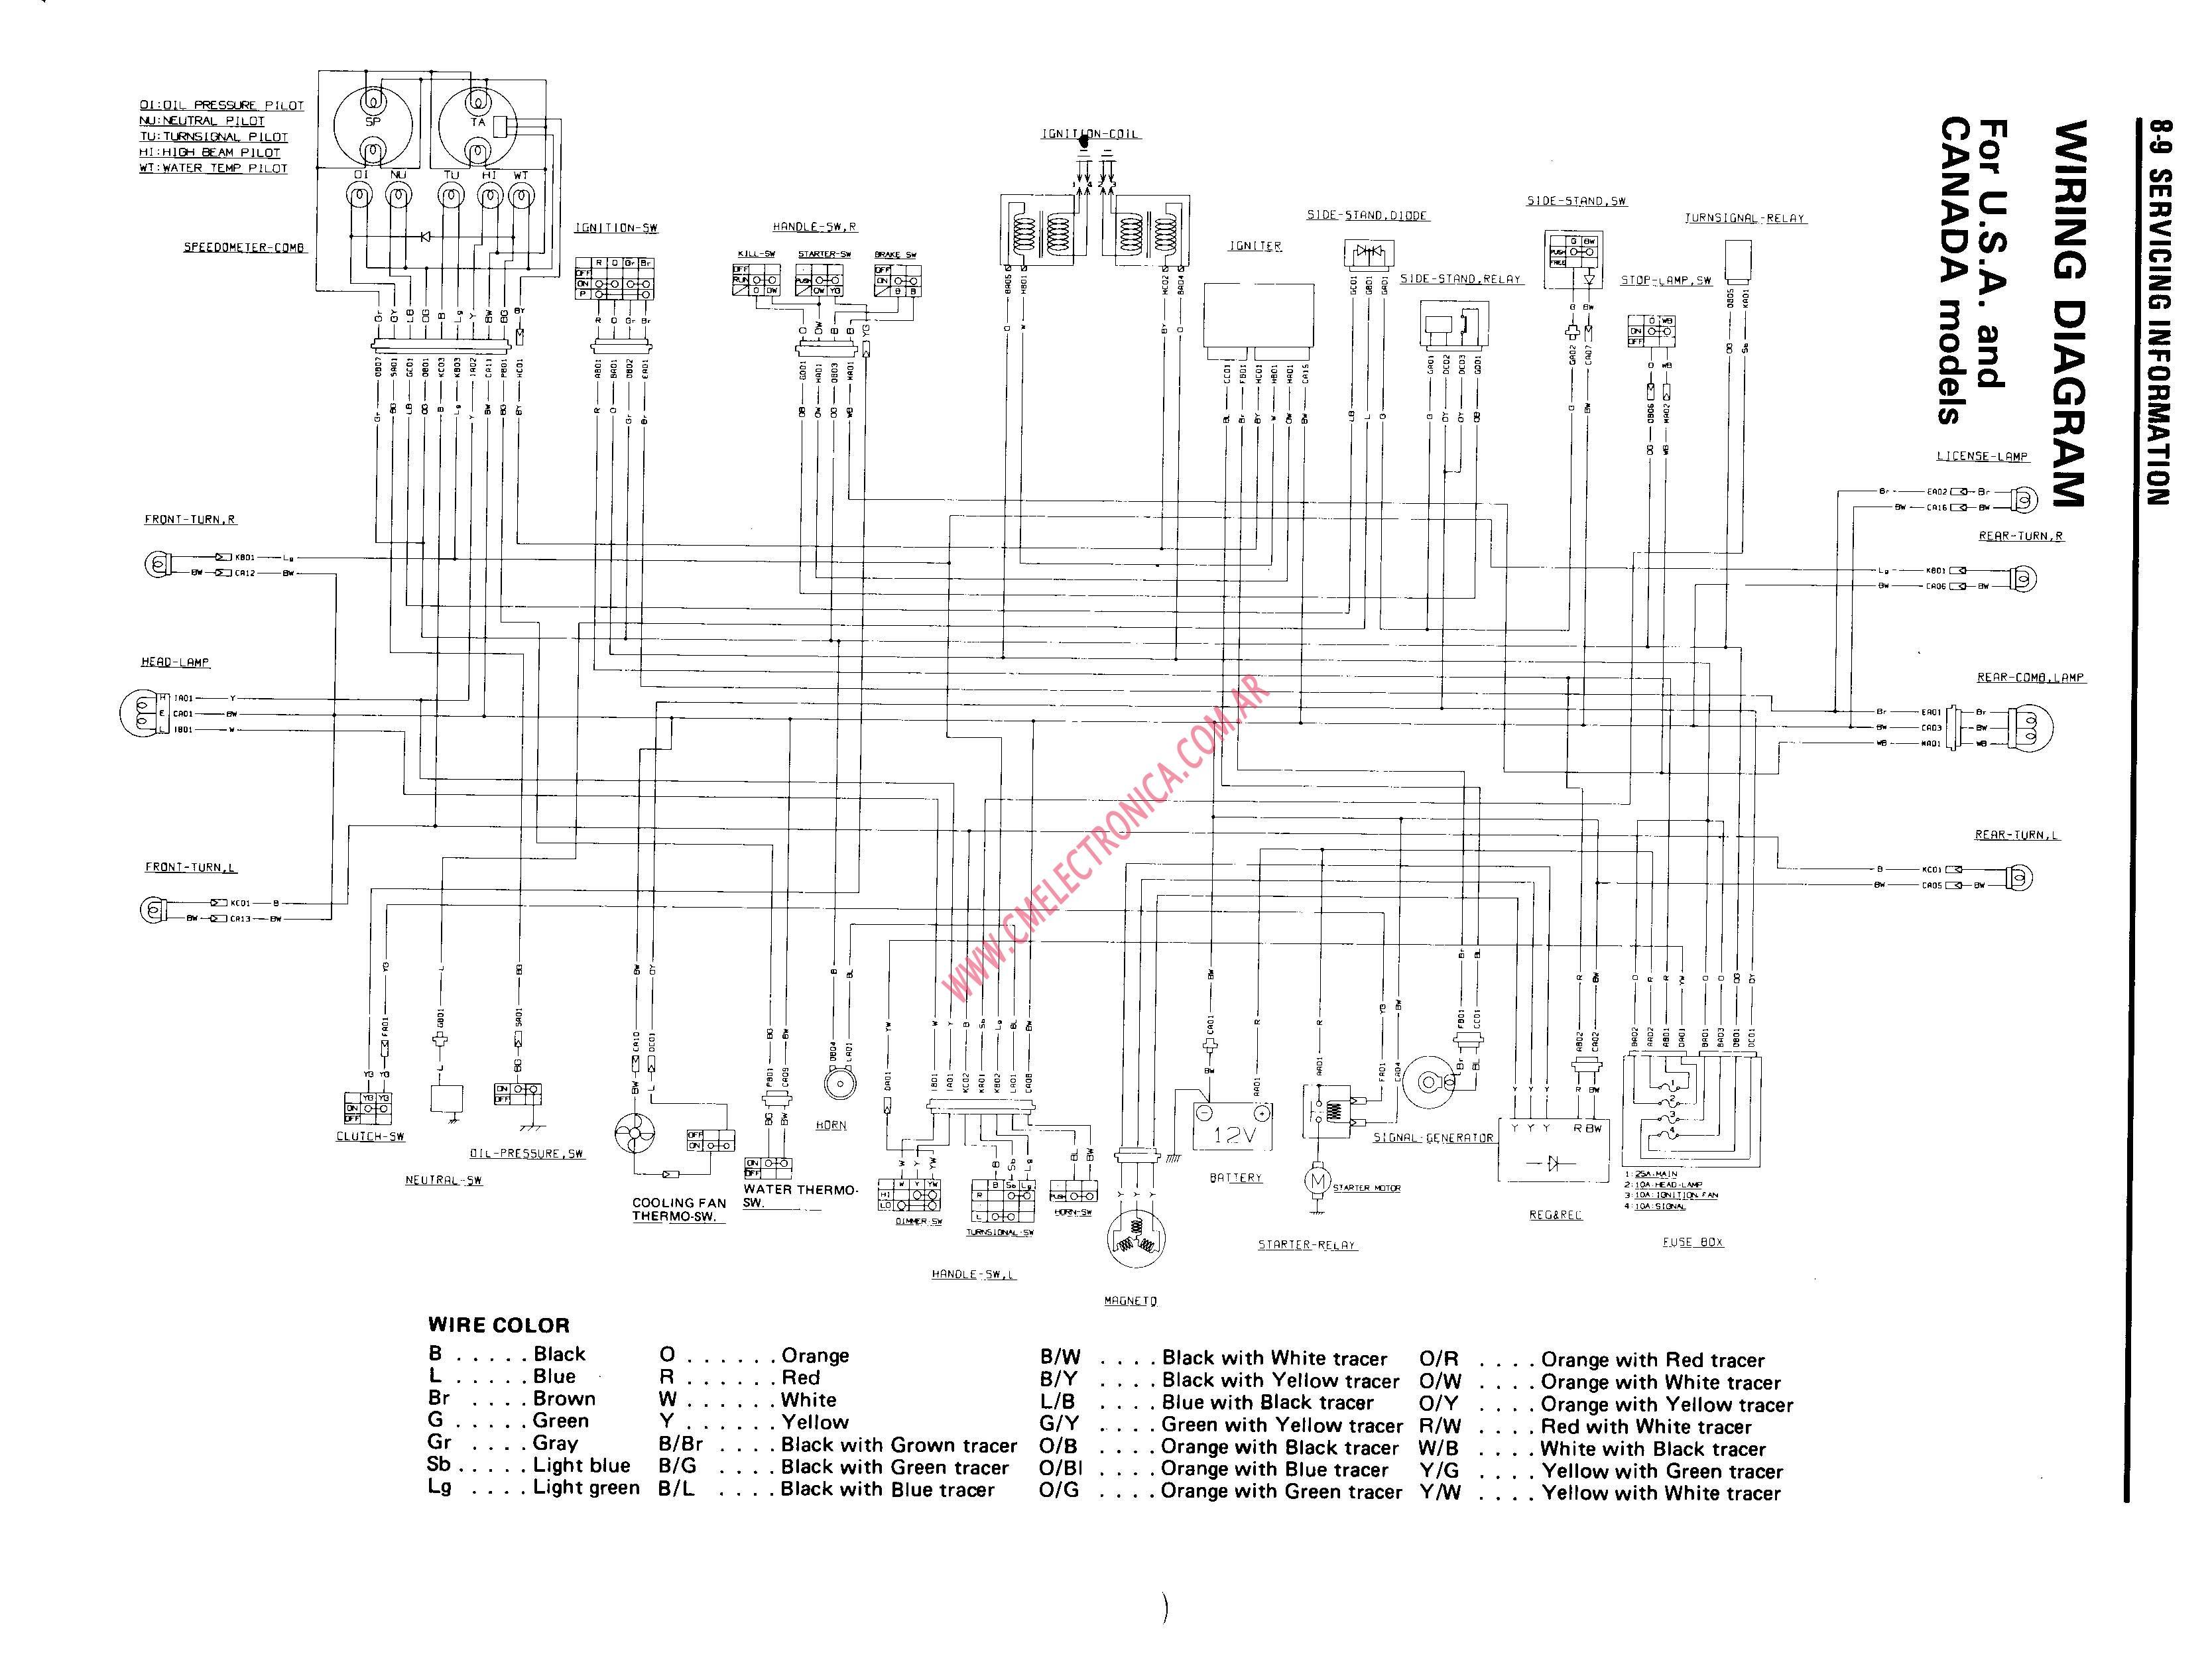 Diagram Yamaha 2005 660 Wiring Diagram Full Version Hd Quality Wiring Diagram Pdfxbockb Radioueb It